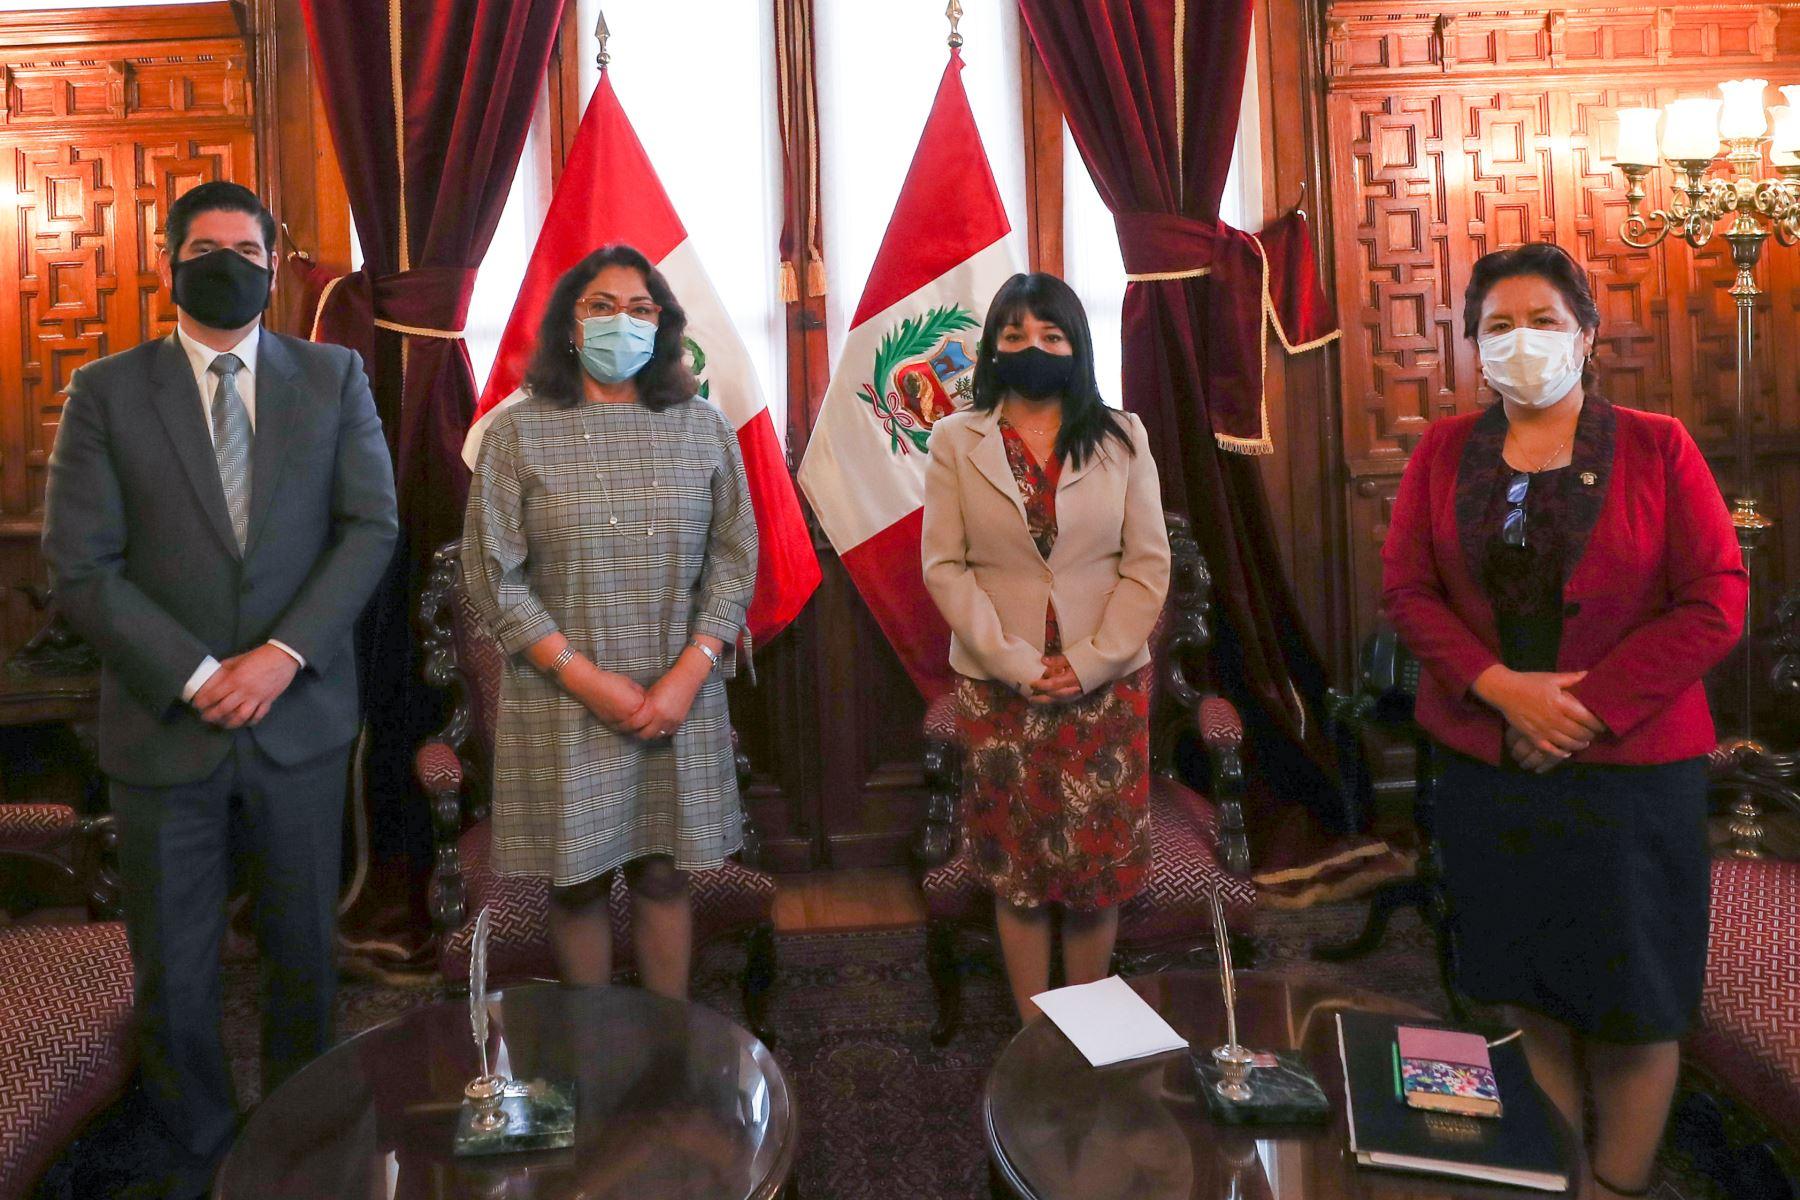 La presidenta del Consejo de Ministros, Violeta Bermúdez, se reúne con los miembros de la Mesa Directiva del Congreso para coordinar la fecha en que se presentará el Gabinete Ministerial. Foto: PCM